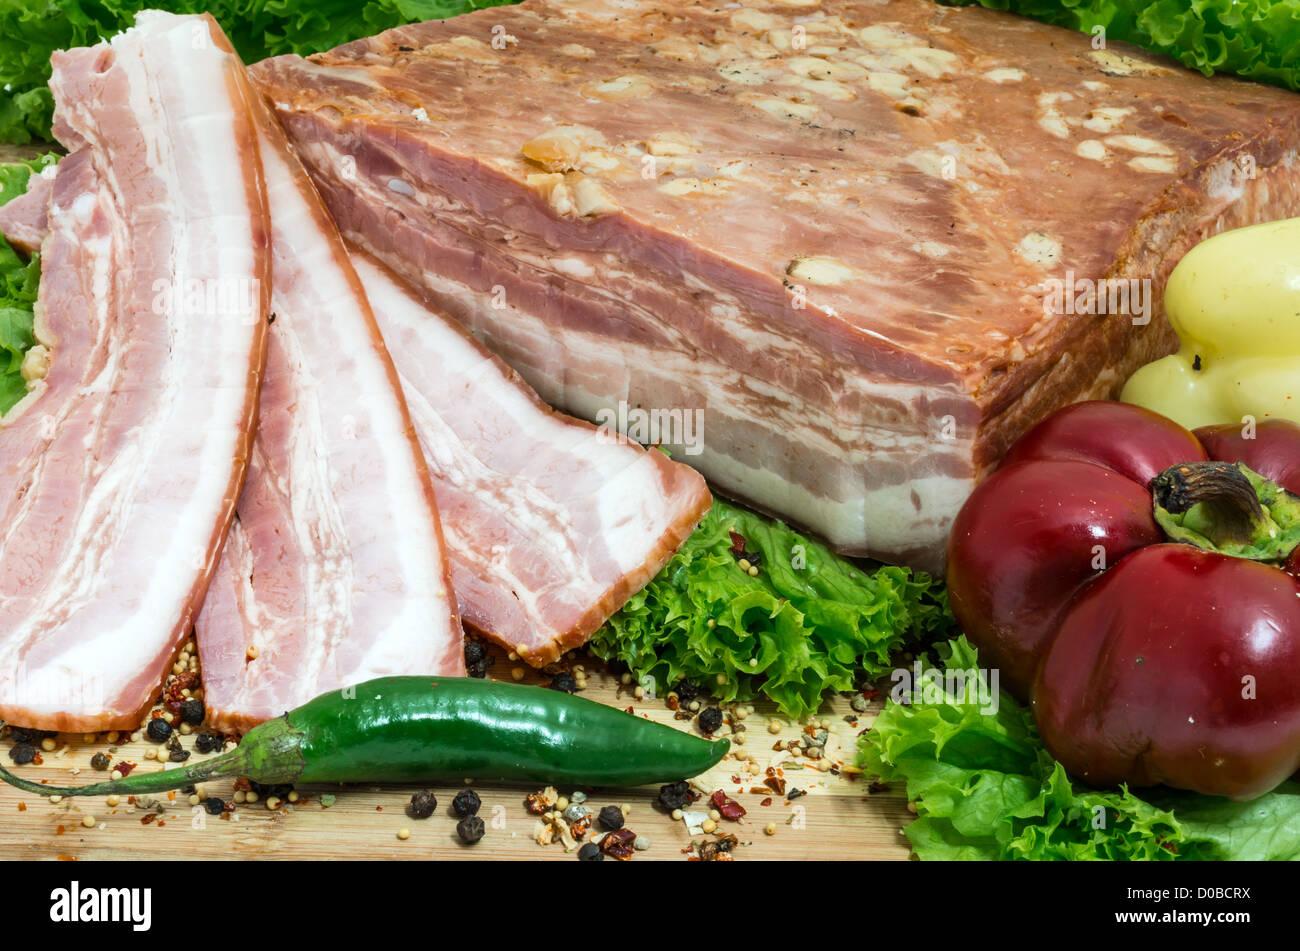 La vie toujours avec des tranches de bacon et les légumes roumaine Photo Stock